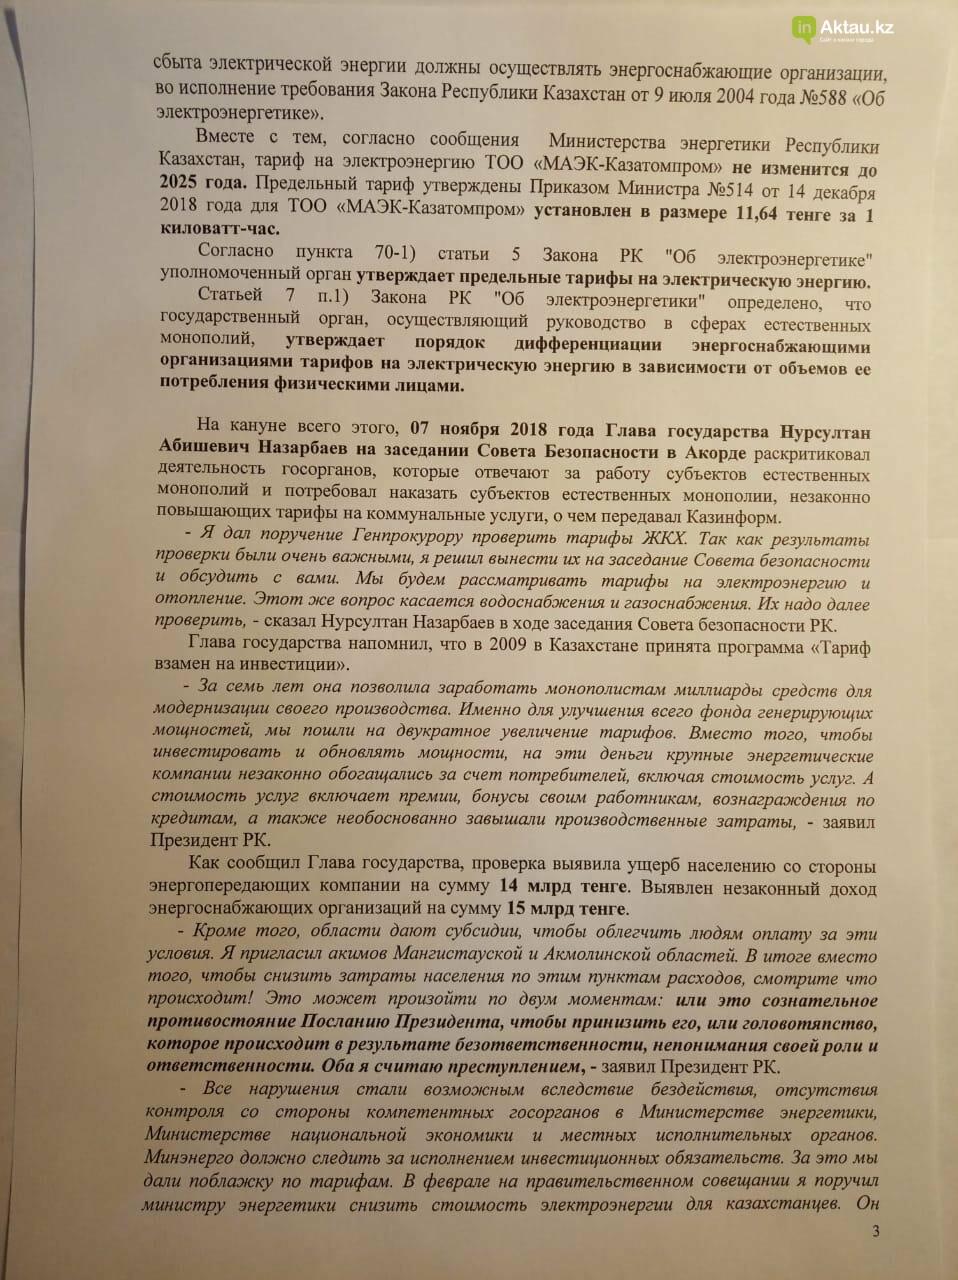 Открытое письмо Президенту написали актаусцы  по поводу новых тарифов на электроэнергию, фото-3